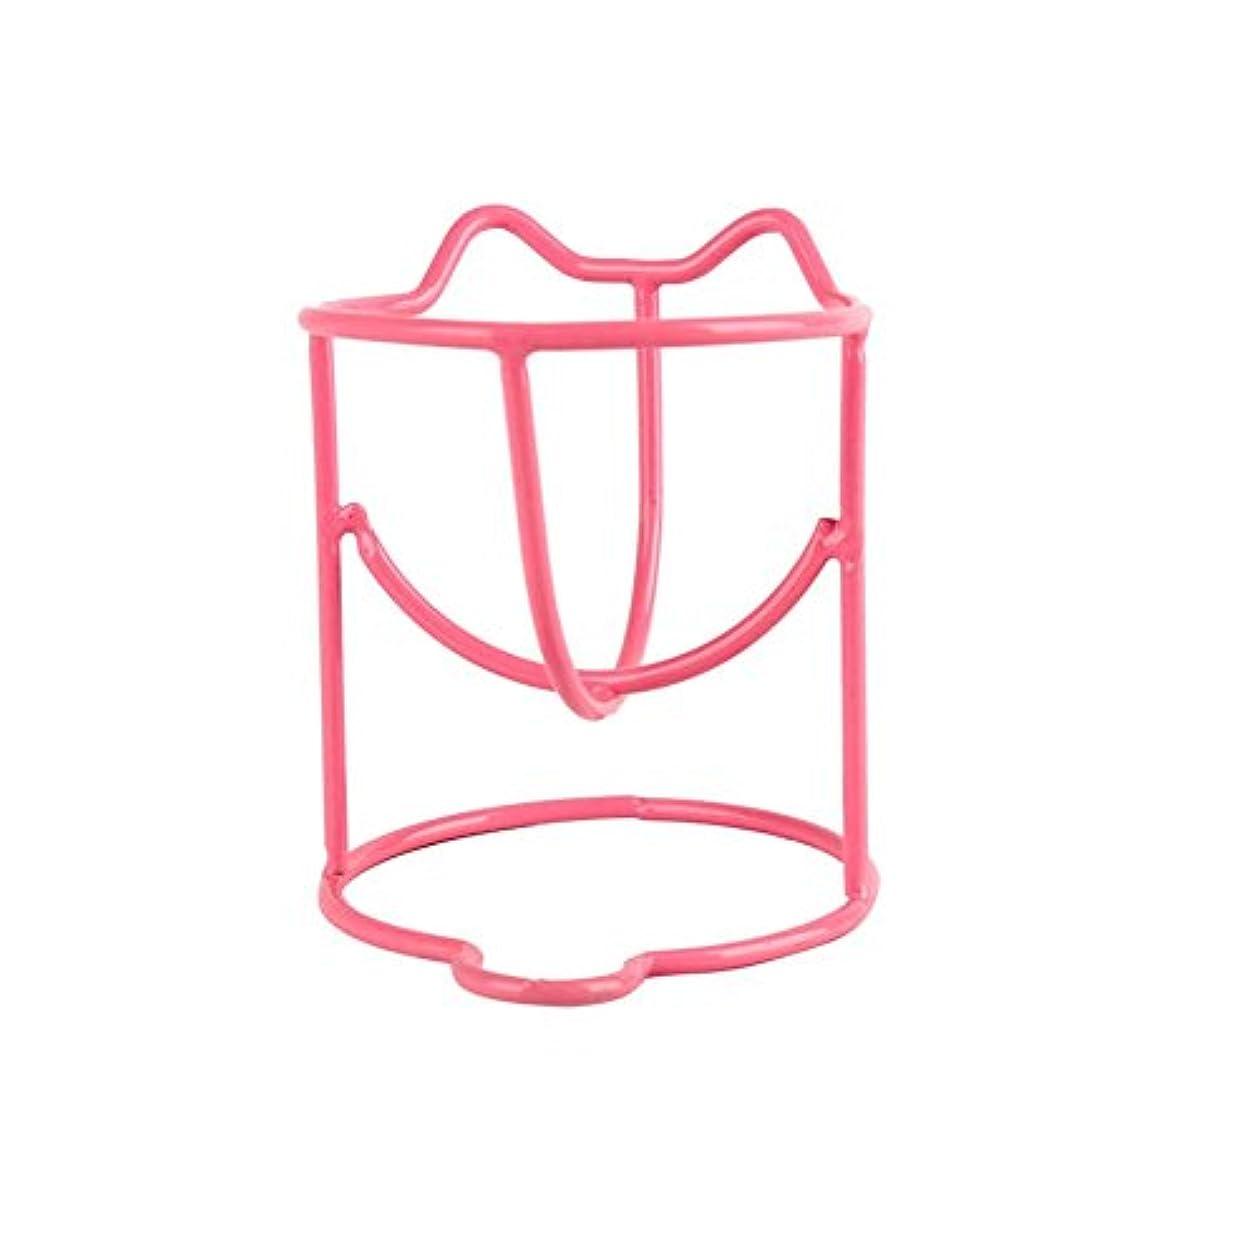 文字直立シーケンスファッションメイク卵パウダーパフスポンジディスプレイスタンド乾燥ホルダーラックのセット